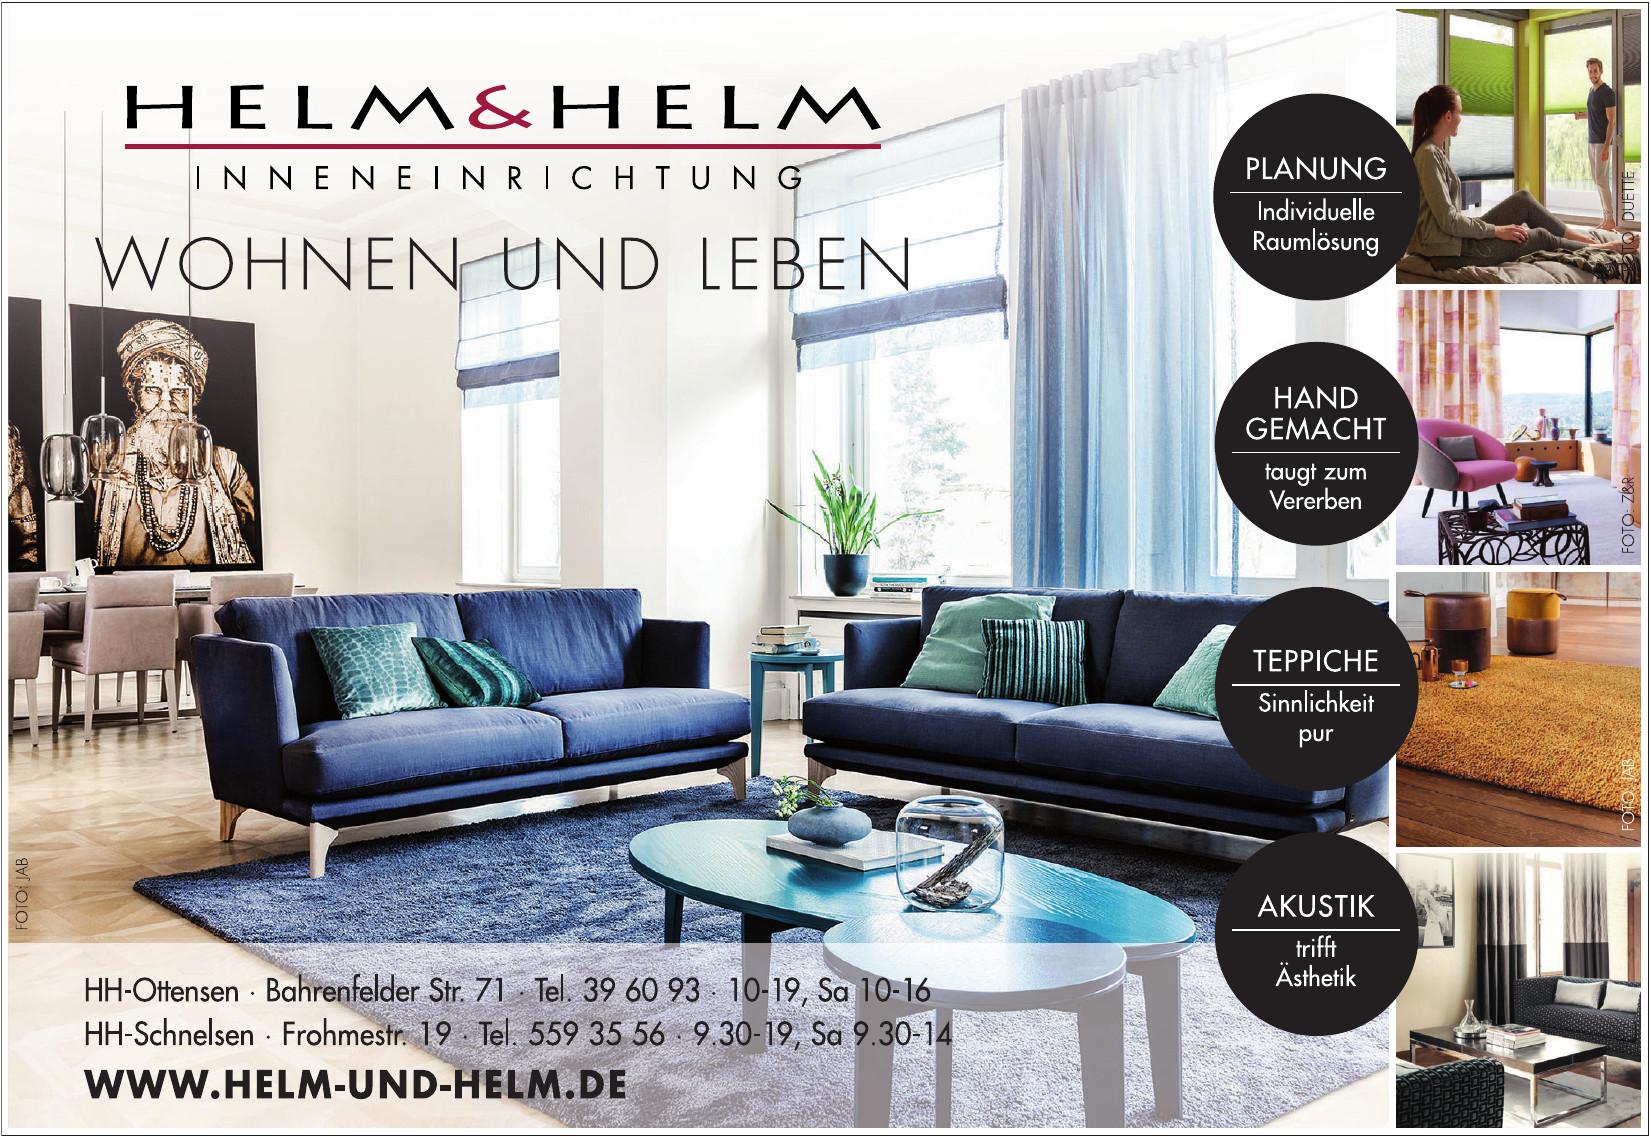 Helm & Helm Inneneinrichtung GmbH